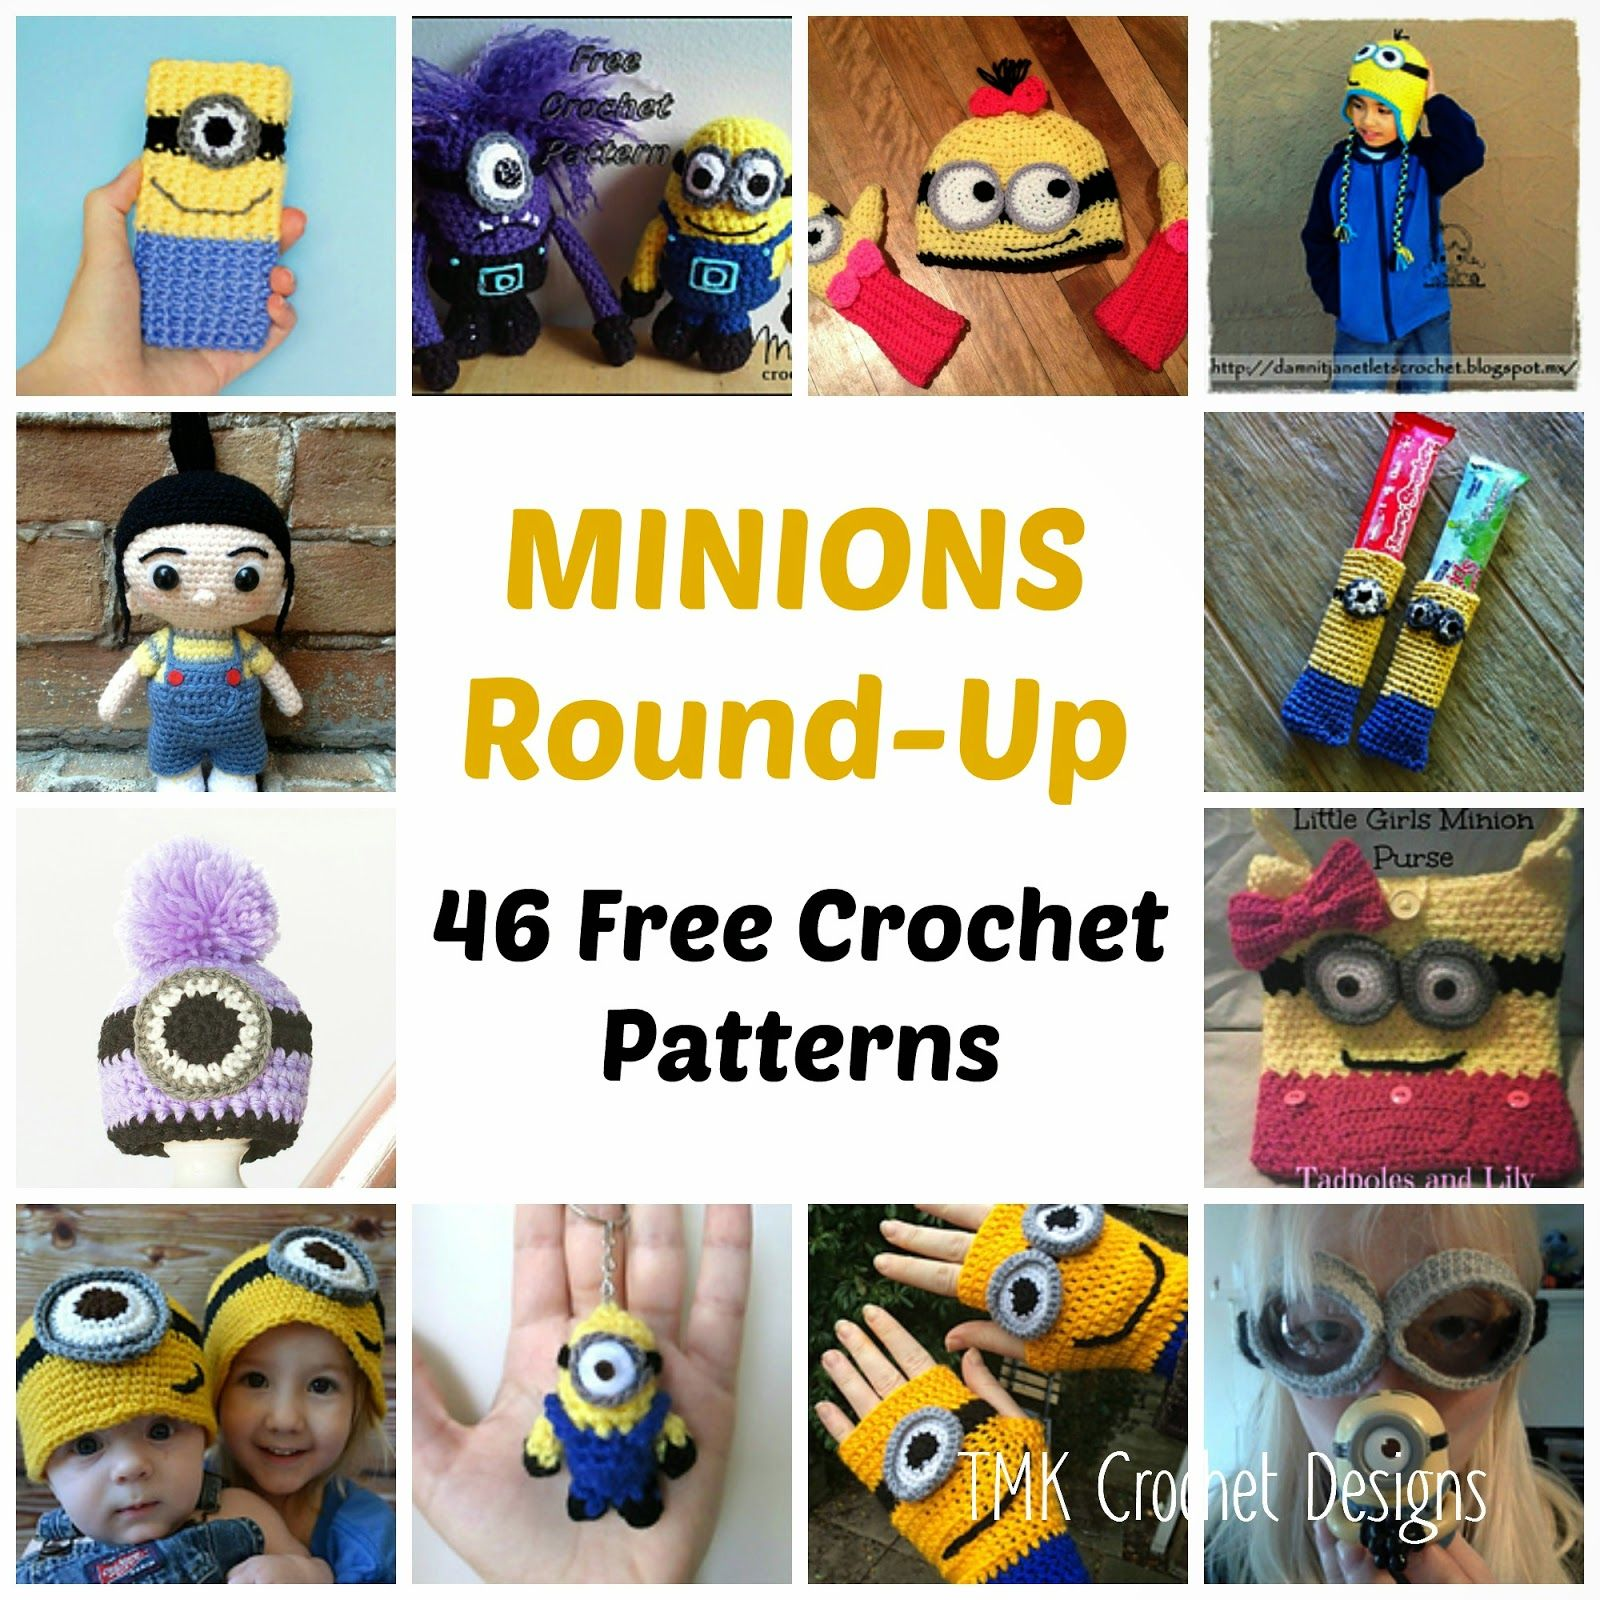 Free crochet pattern round up minions hats scarves mittens free crochet pattern round up minions hats scarves mittens phone dt1010fo